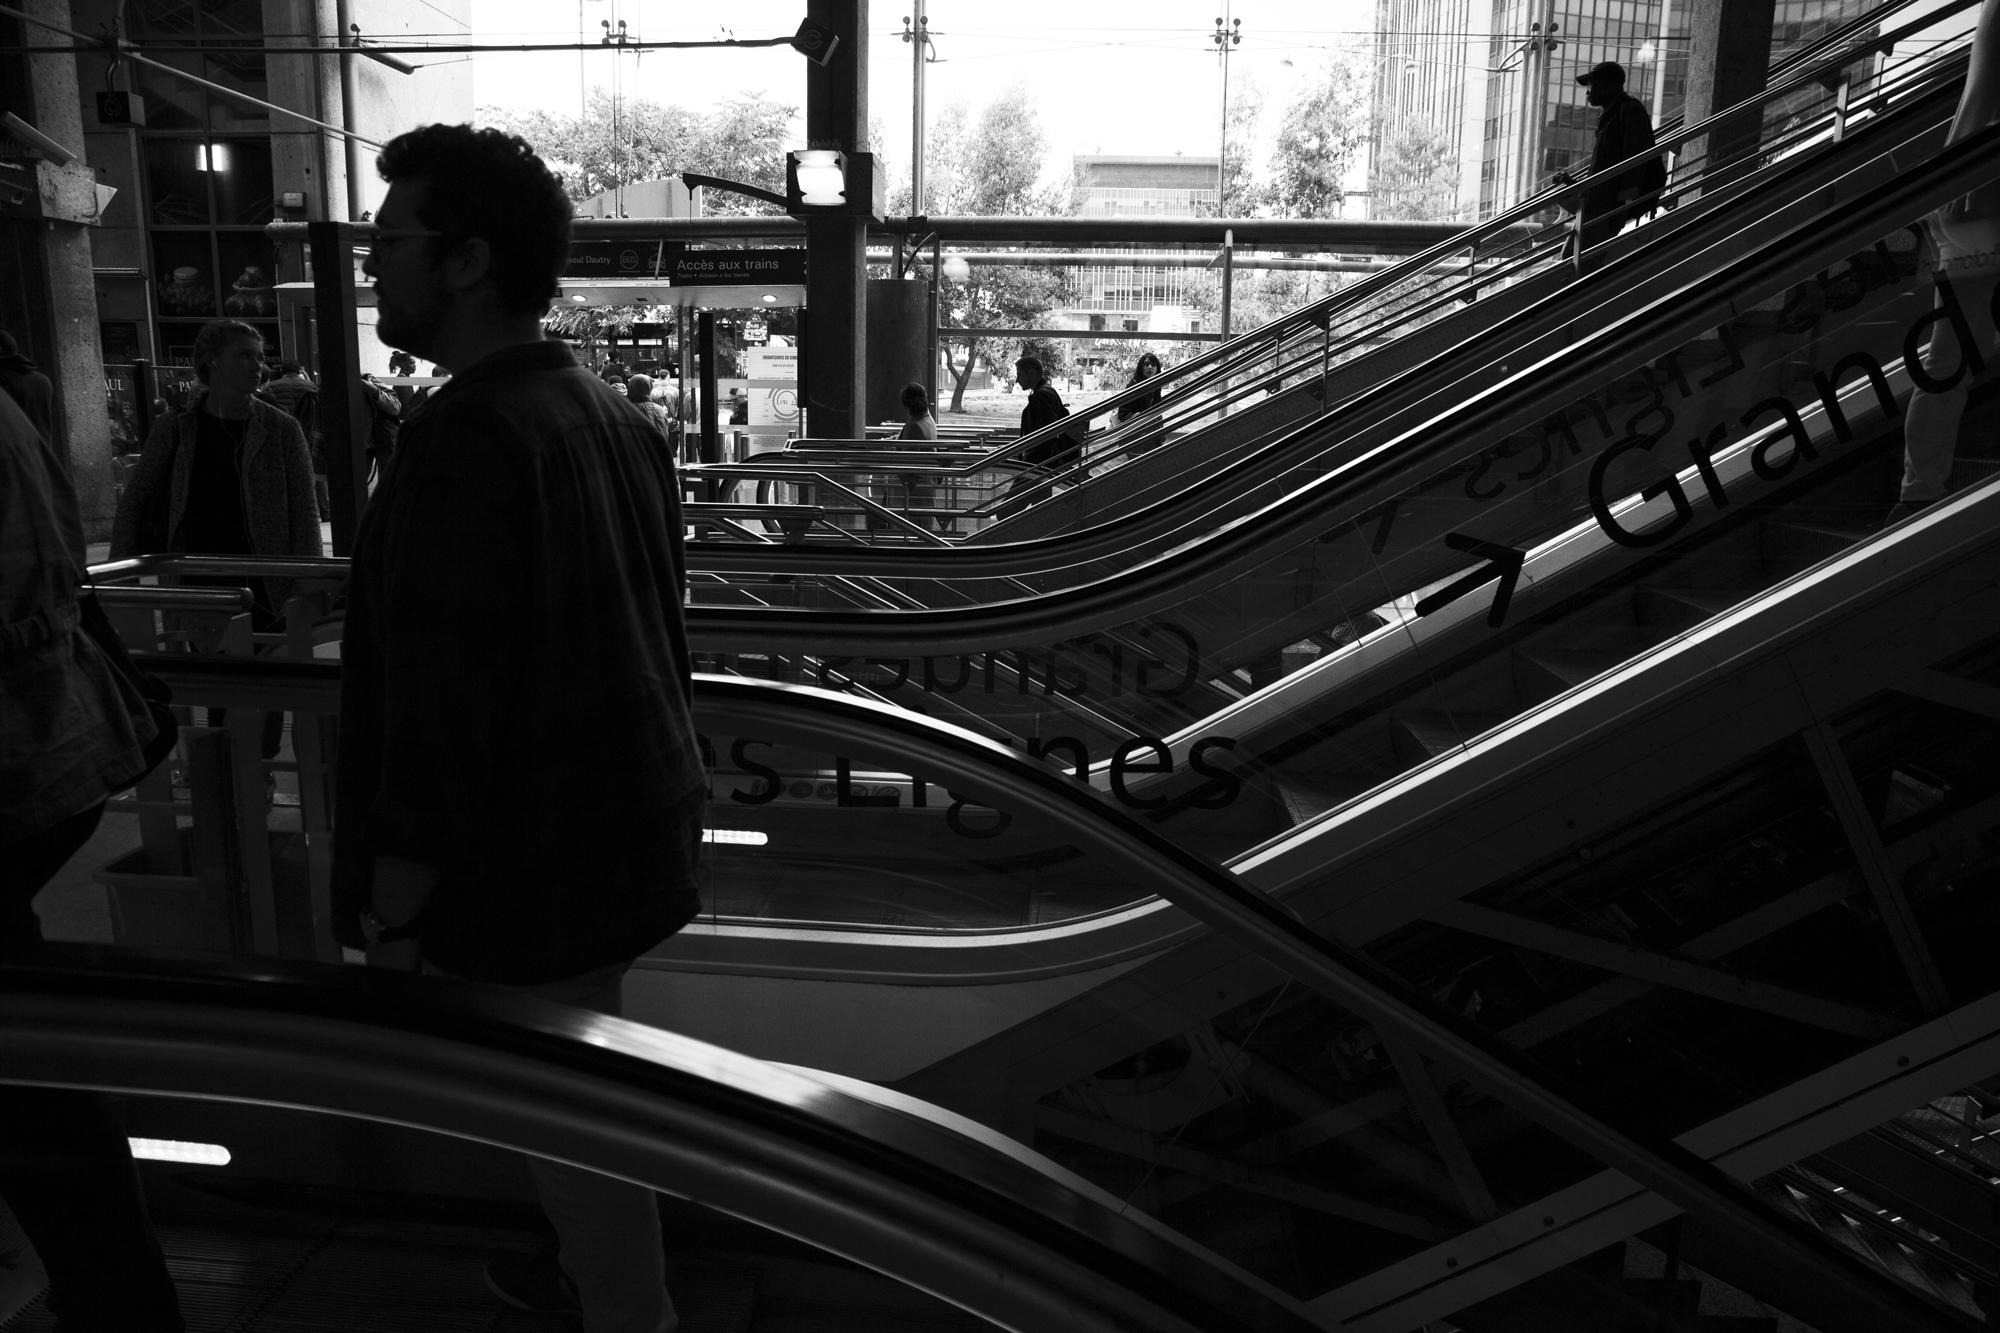 """""""On start"""" - Gare Montparnasse, Paris (2017). © Clémence Rougetet"""